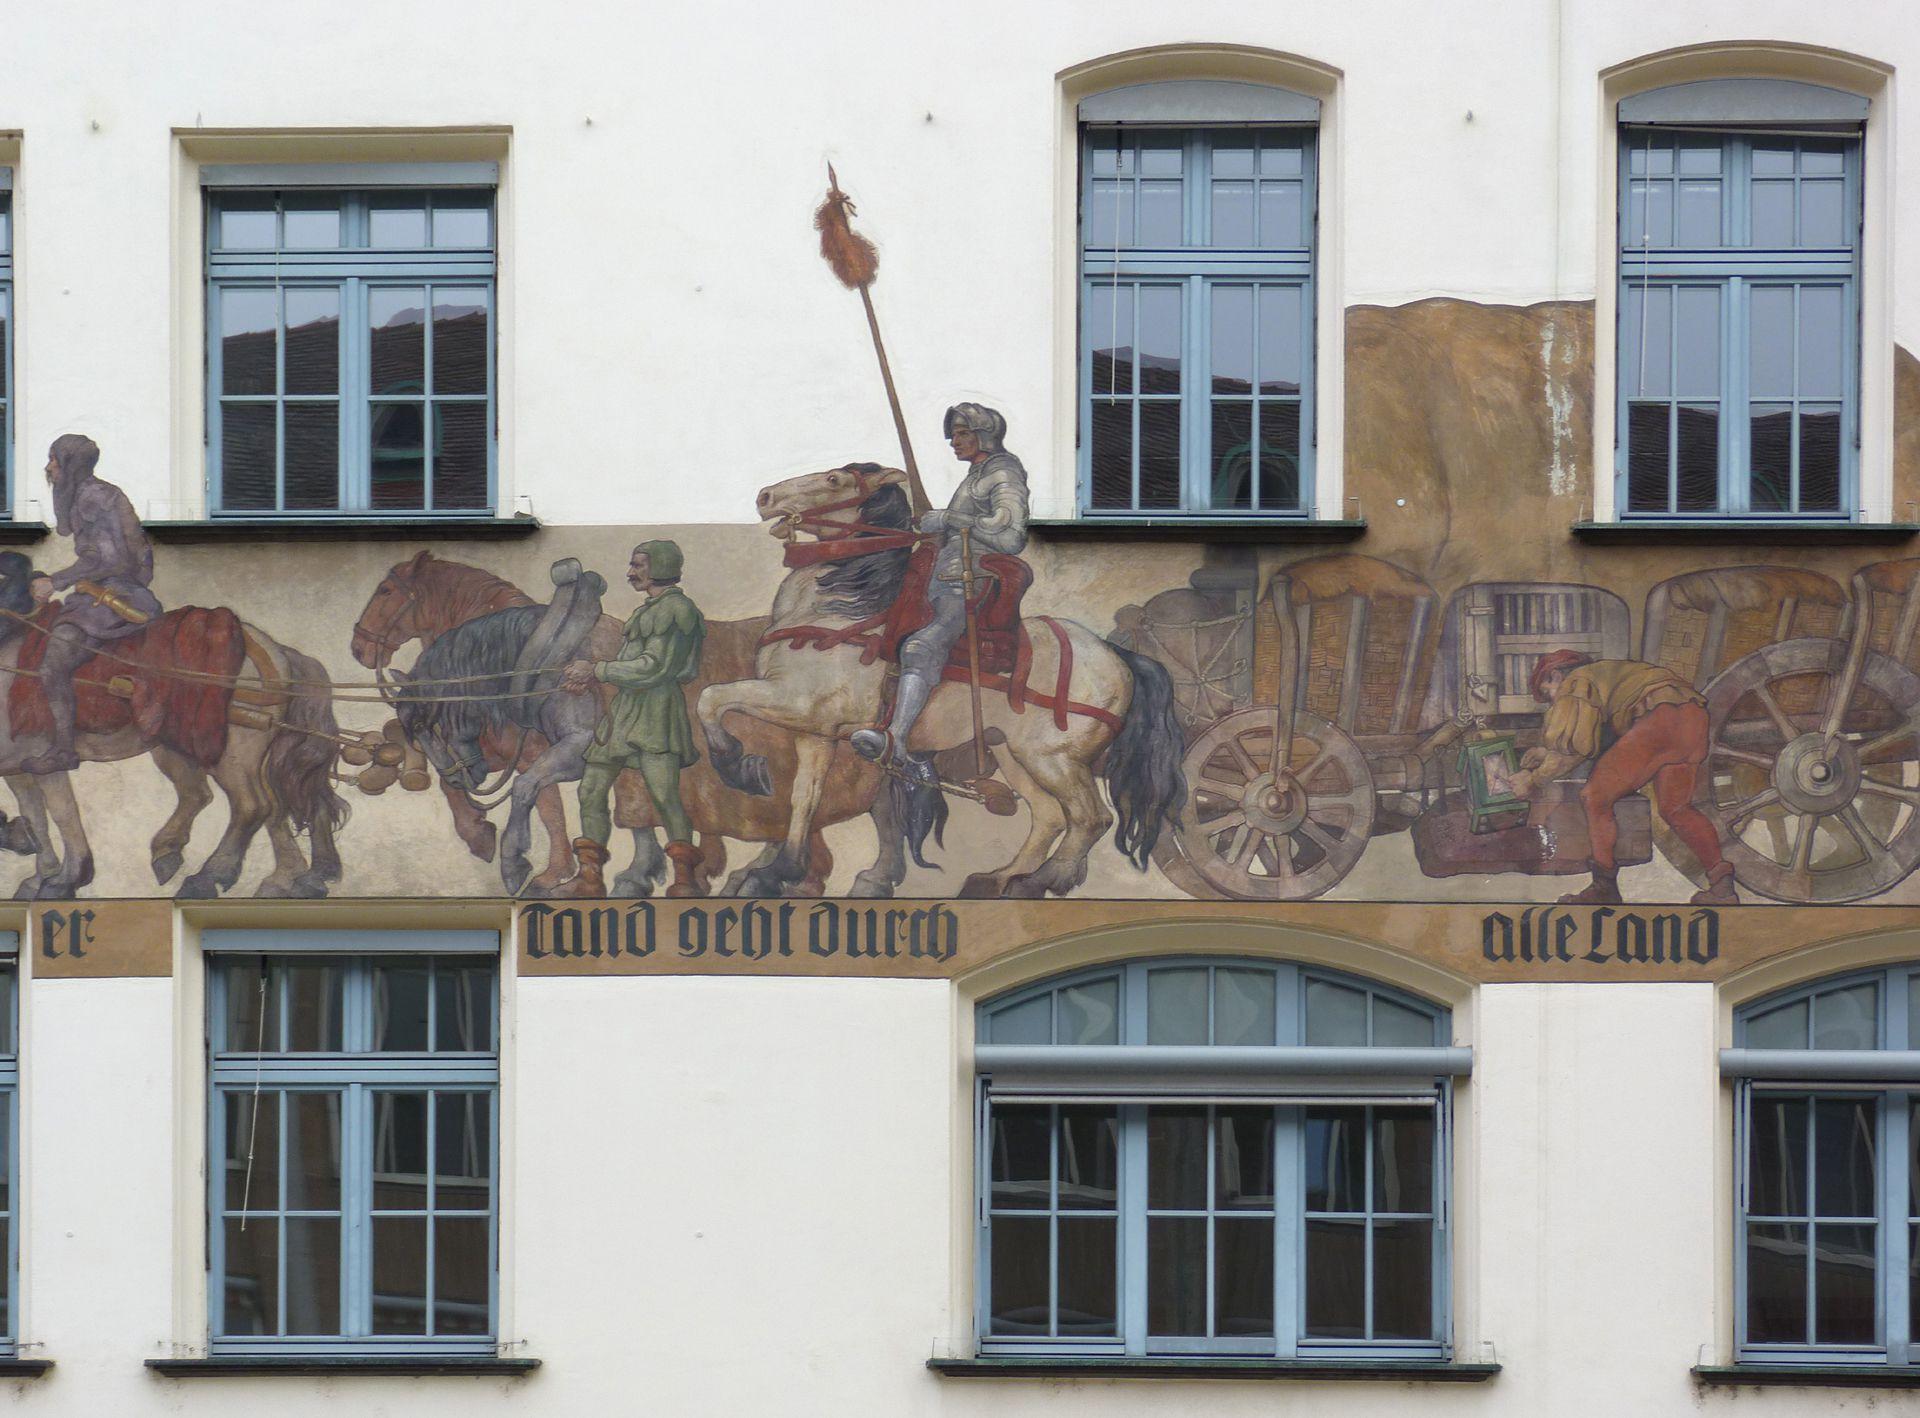 Kaufmannszug Ostfassade, Detail: Mittelteil des Zuges mit Wagen und Ritter